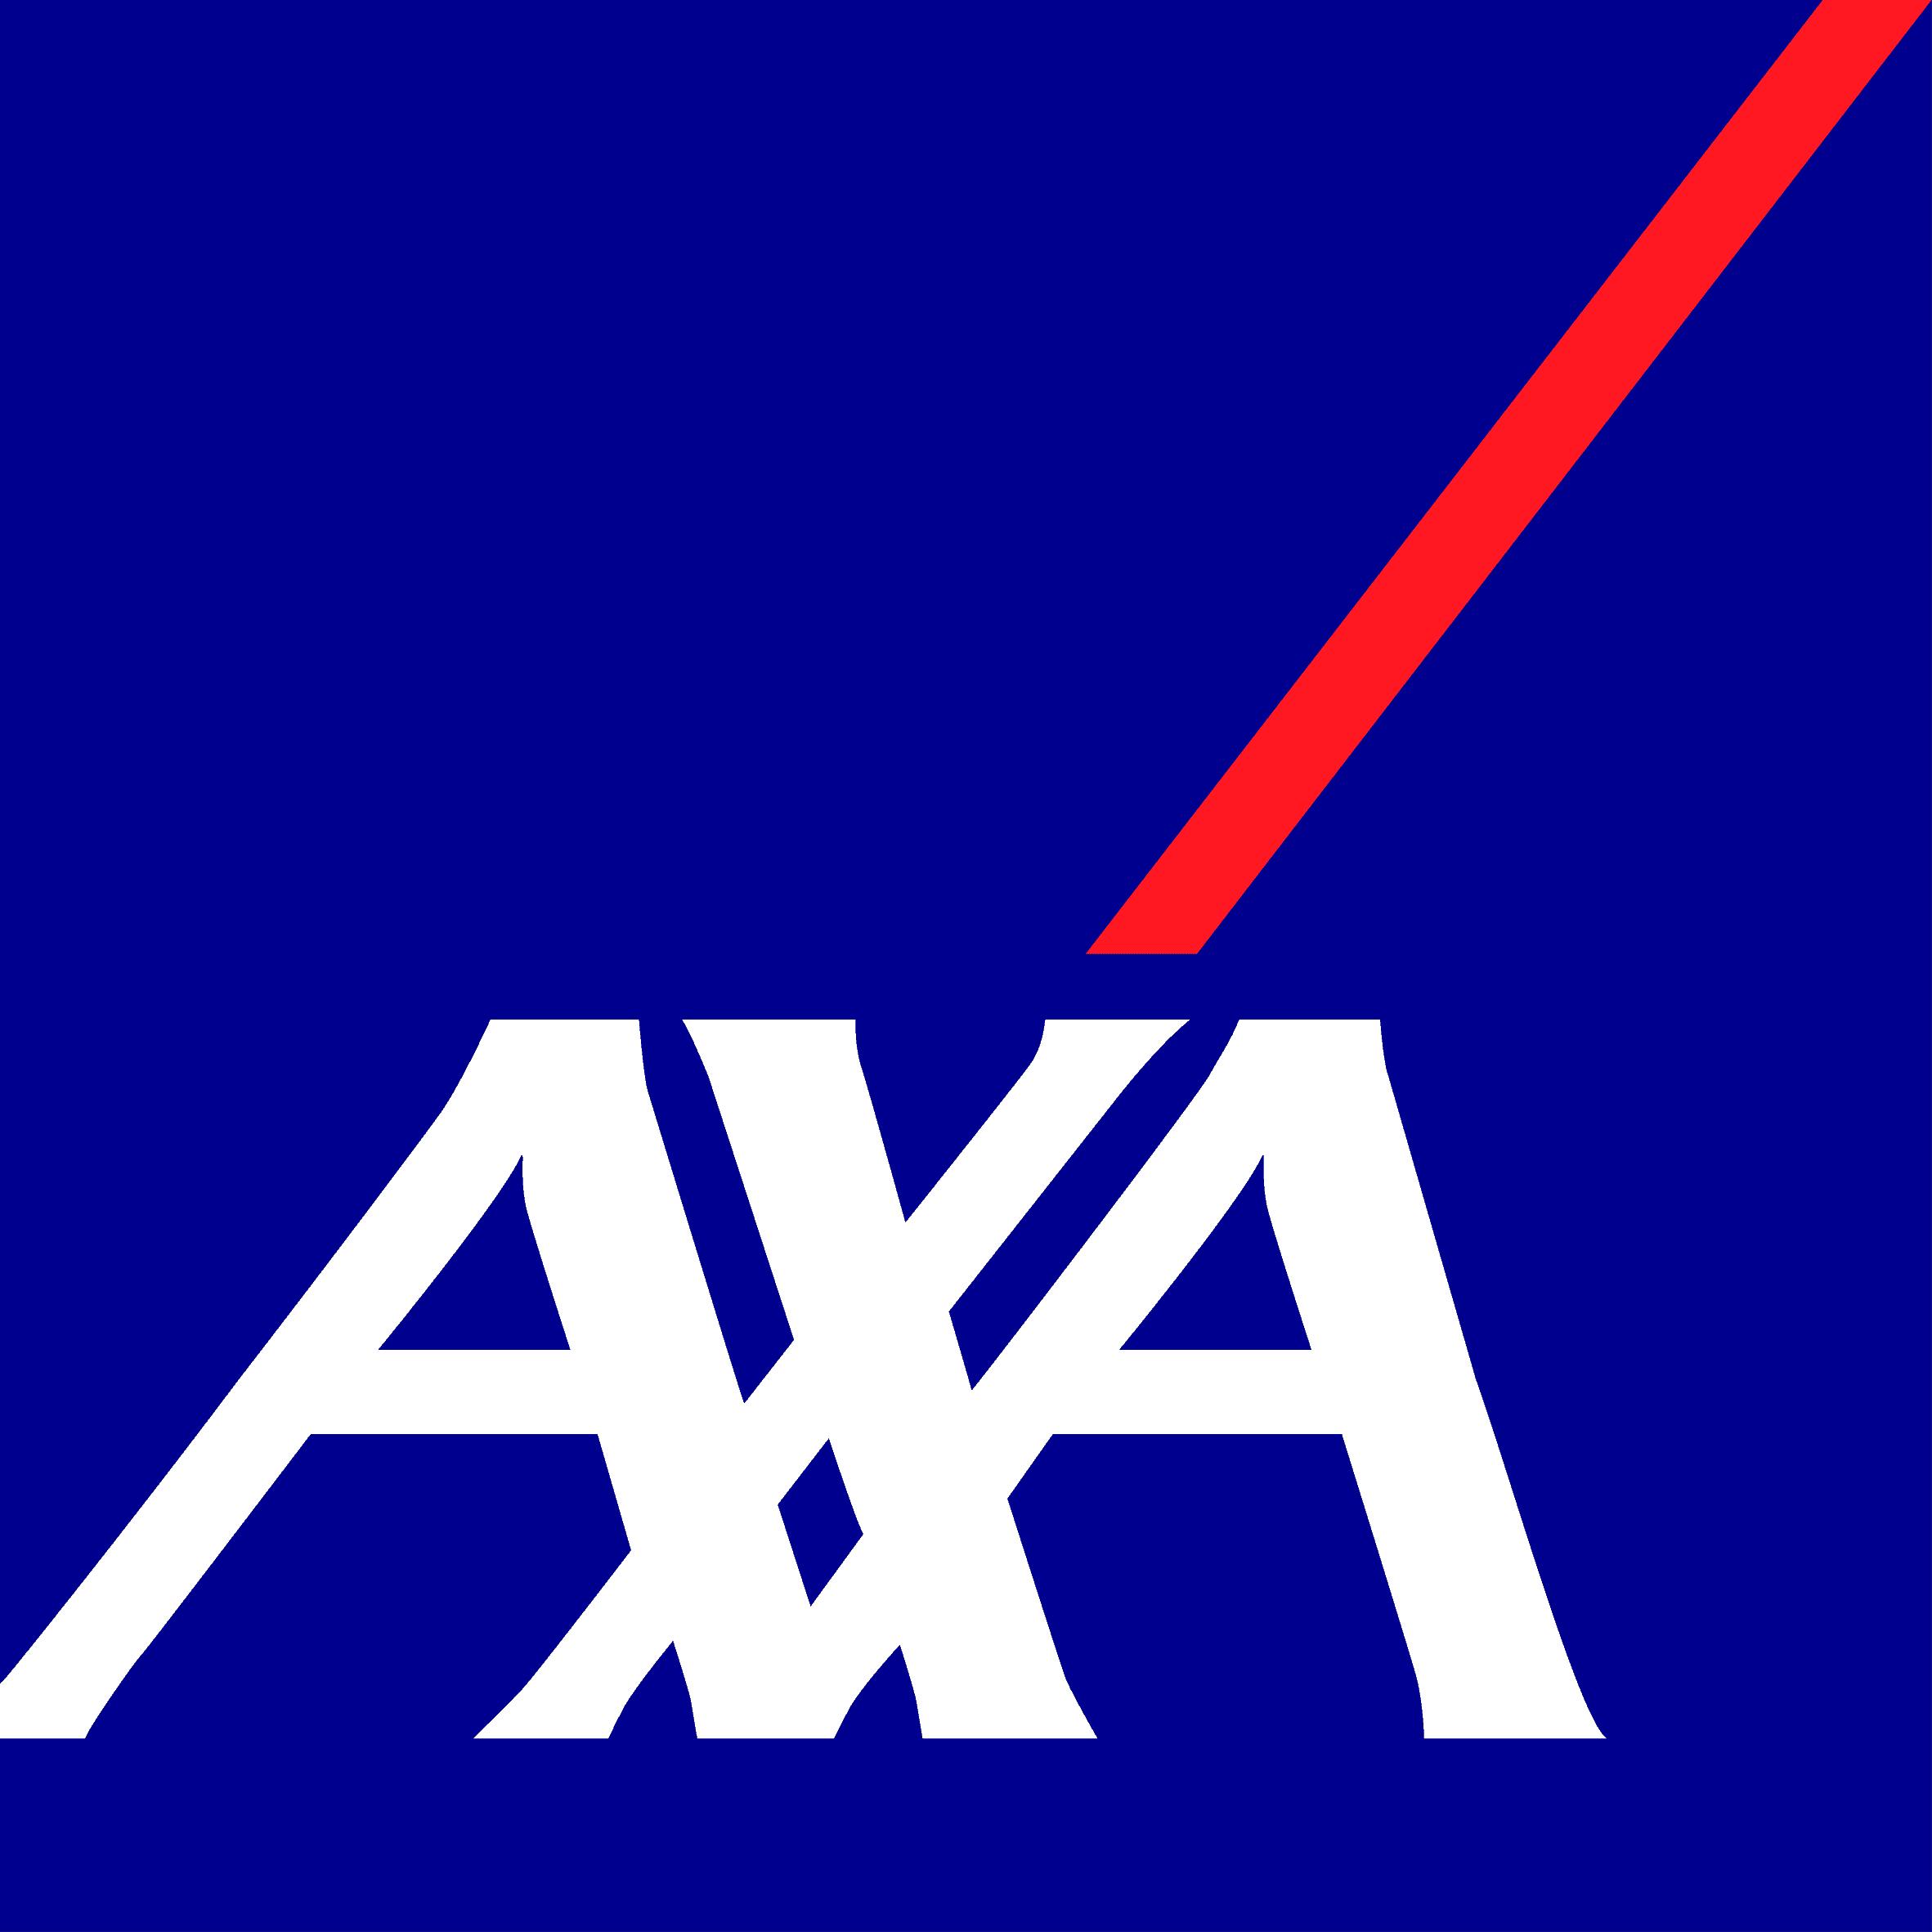 axa-logo-solid-rgb